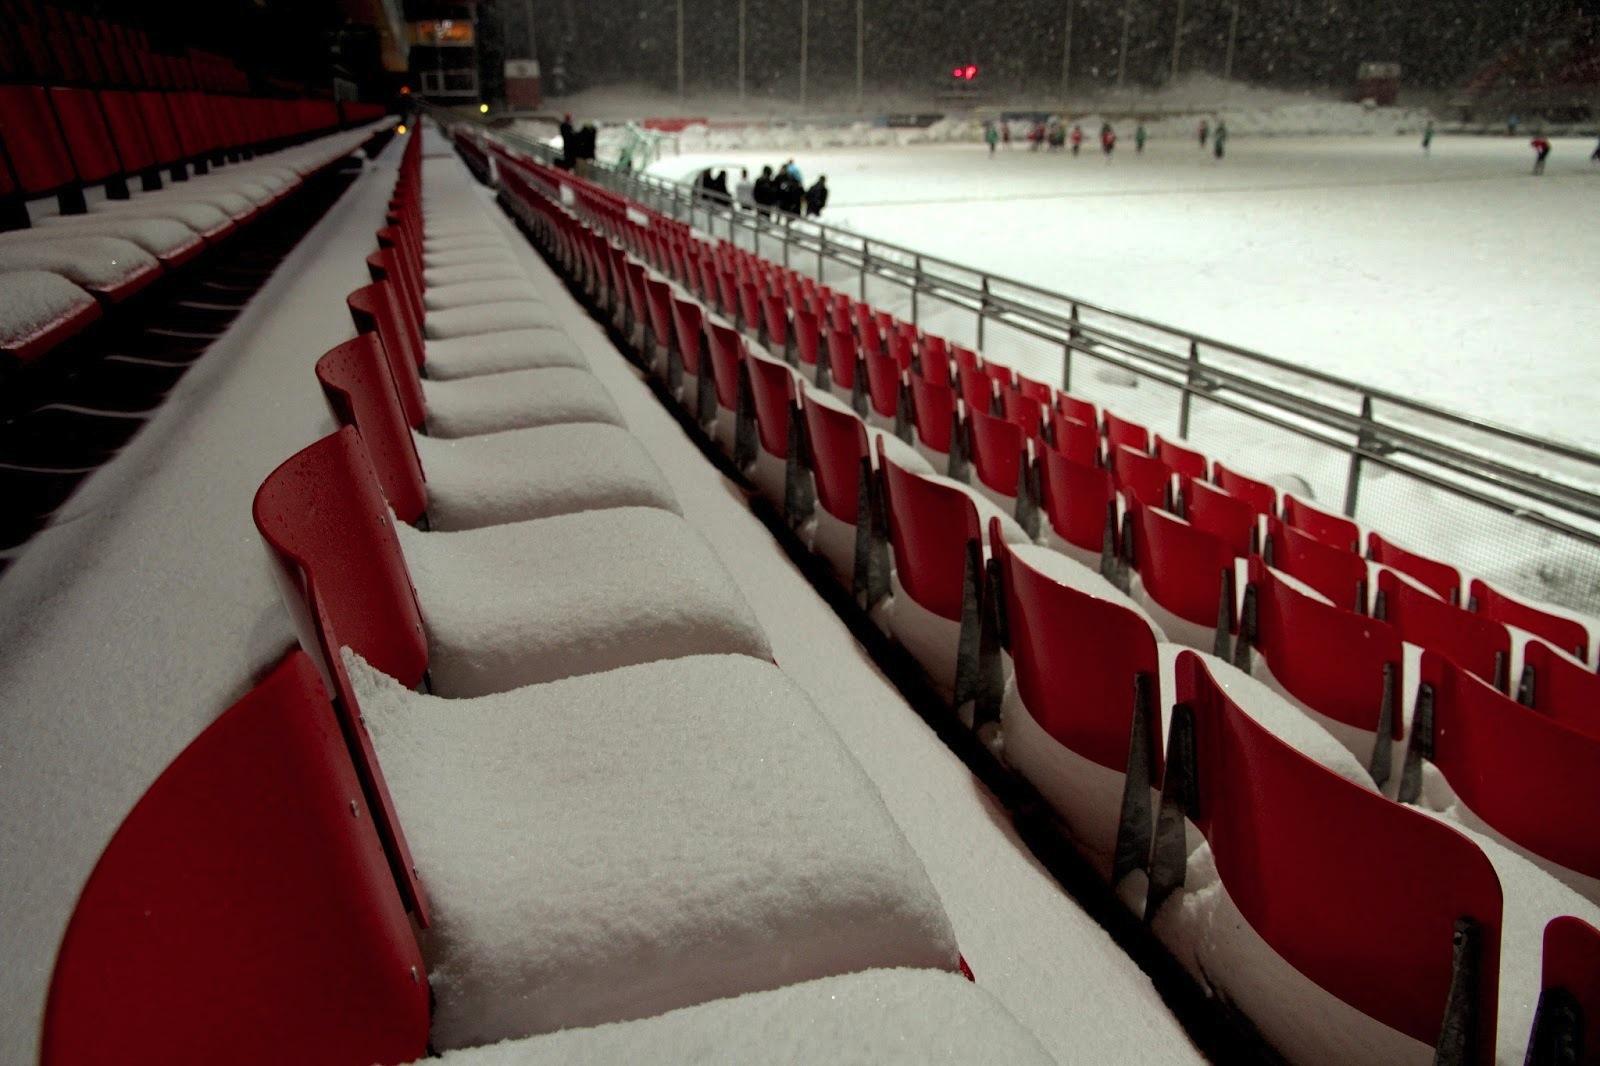 Myyrmäen jalkapallostadion on yksi Myyrmäen urheilupuiston urheilupaikoista. (Kuva Ville Miettinen)